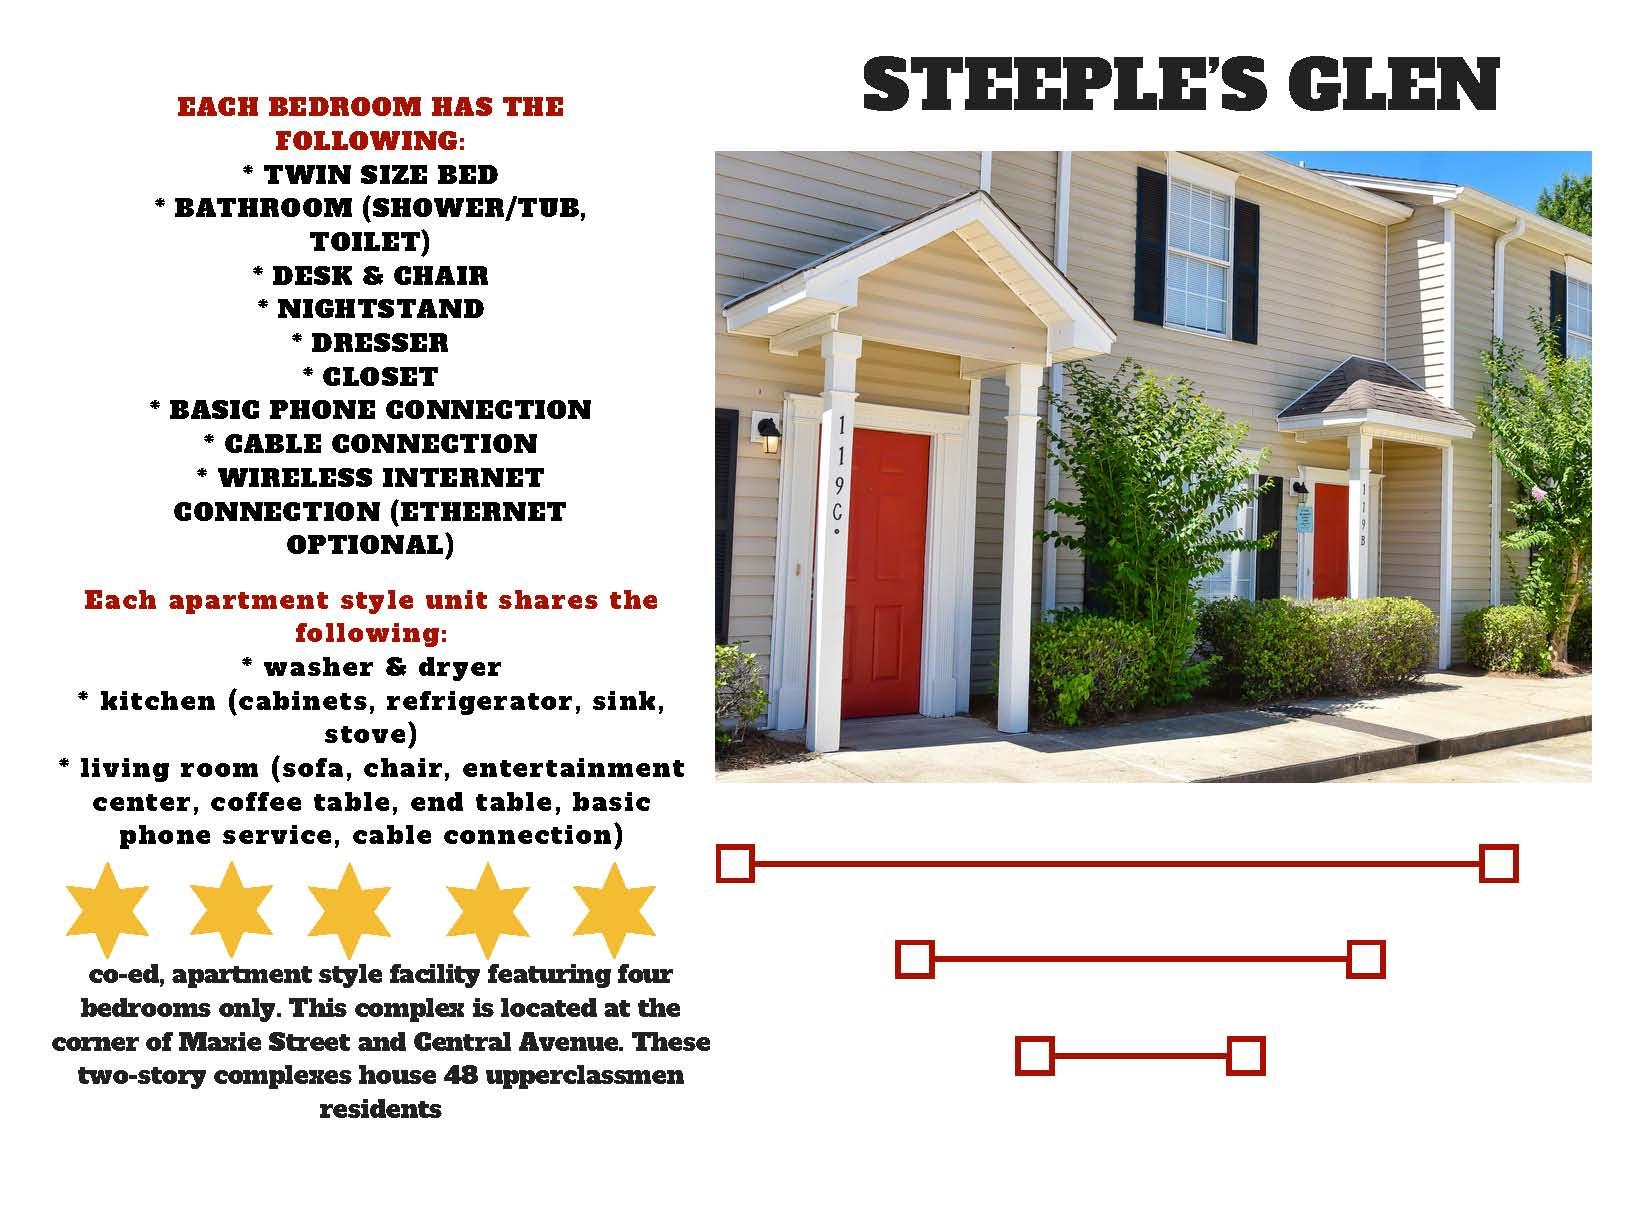 Steeple's Glen